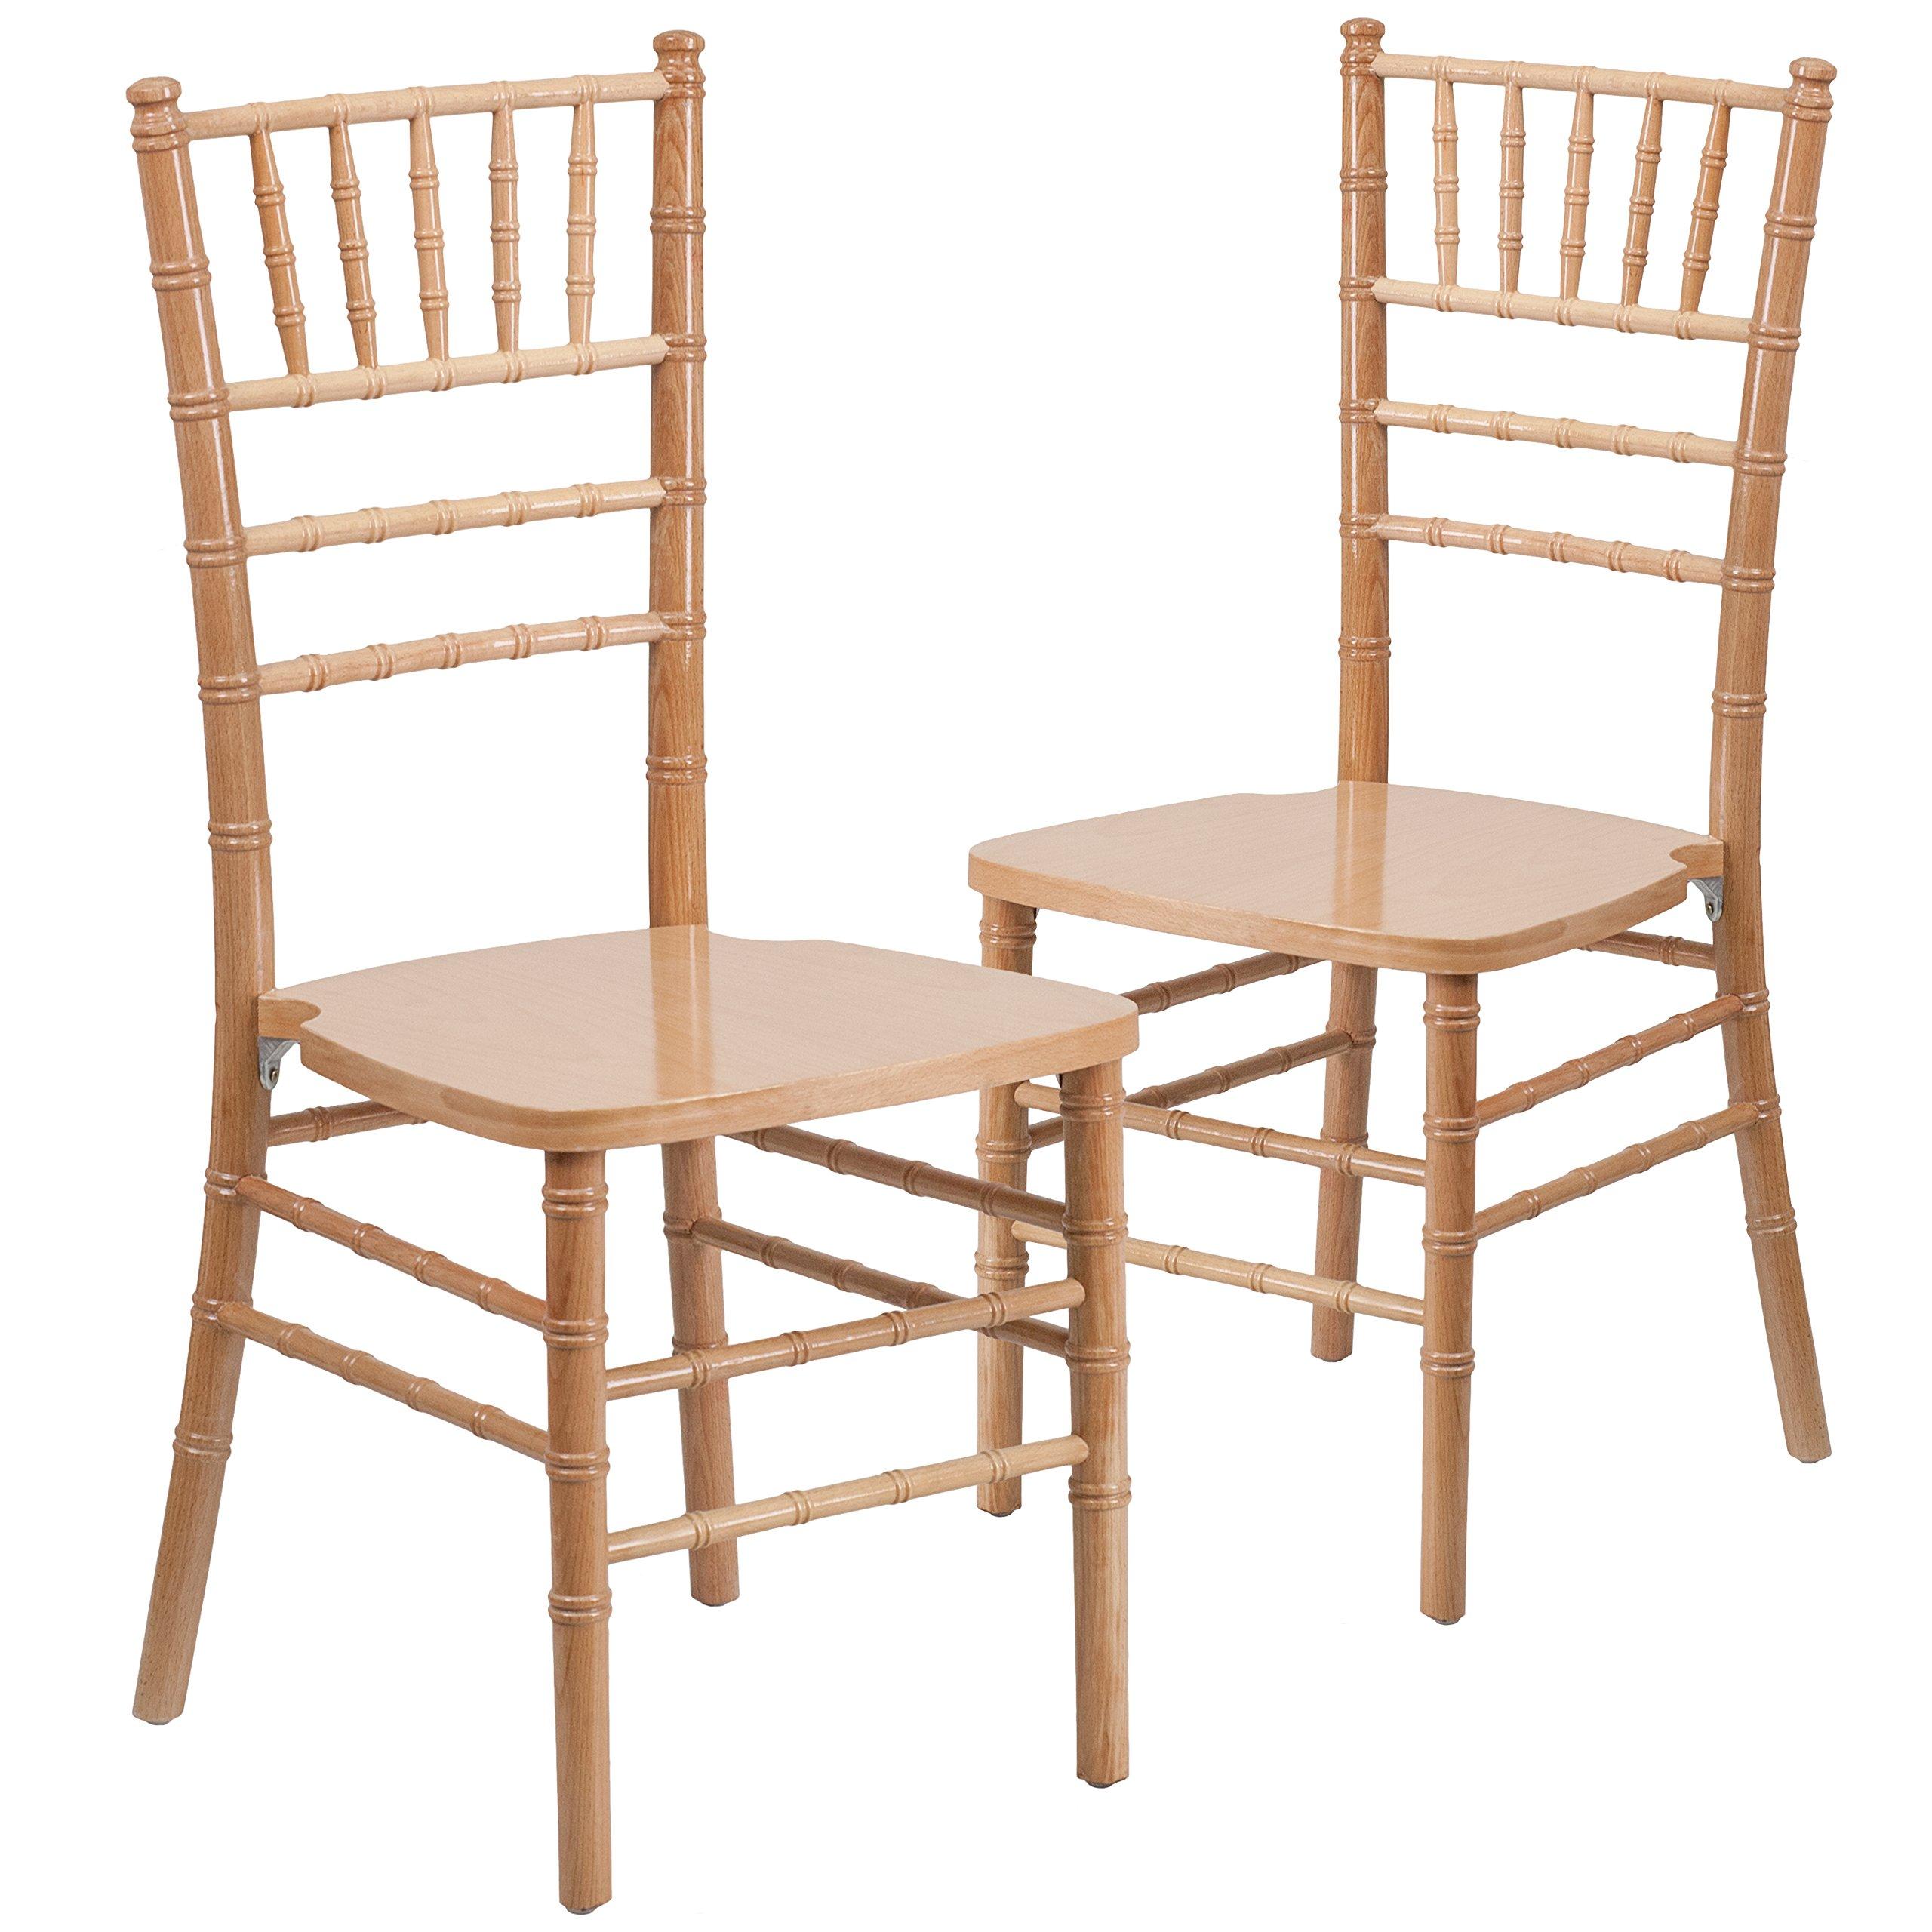 Flash Furniture 2 Pk. HERCULES Series Natural Wood Chiavari Chair by Flash Furniture